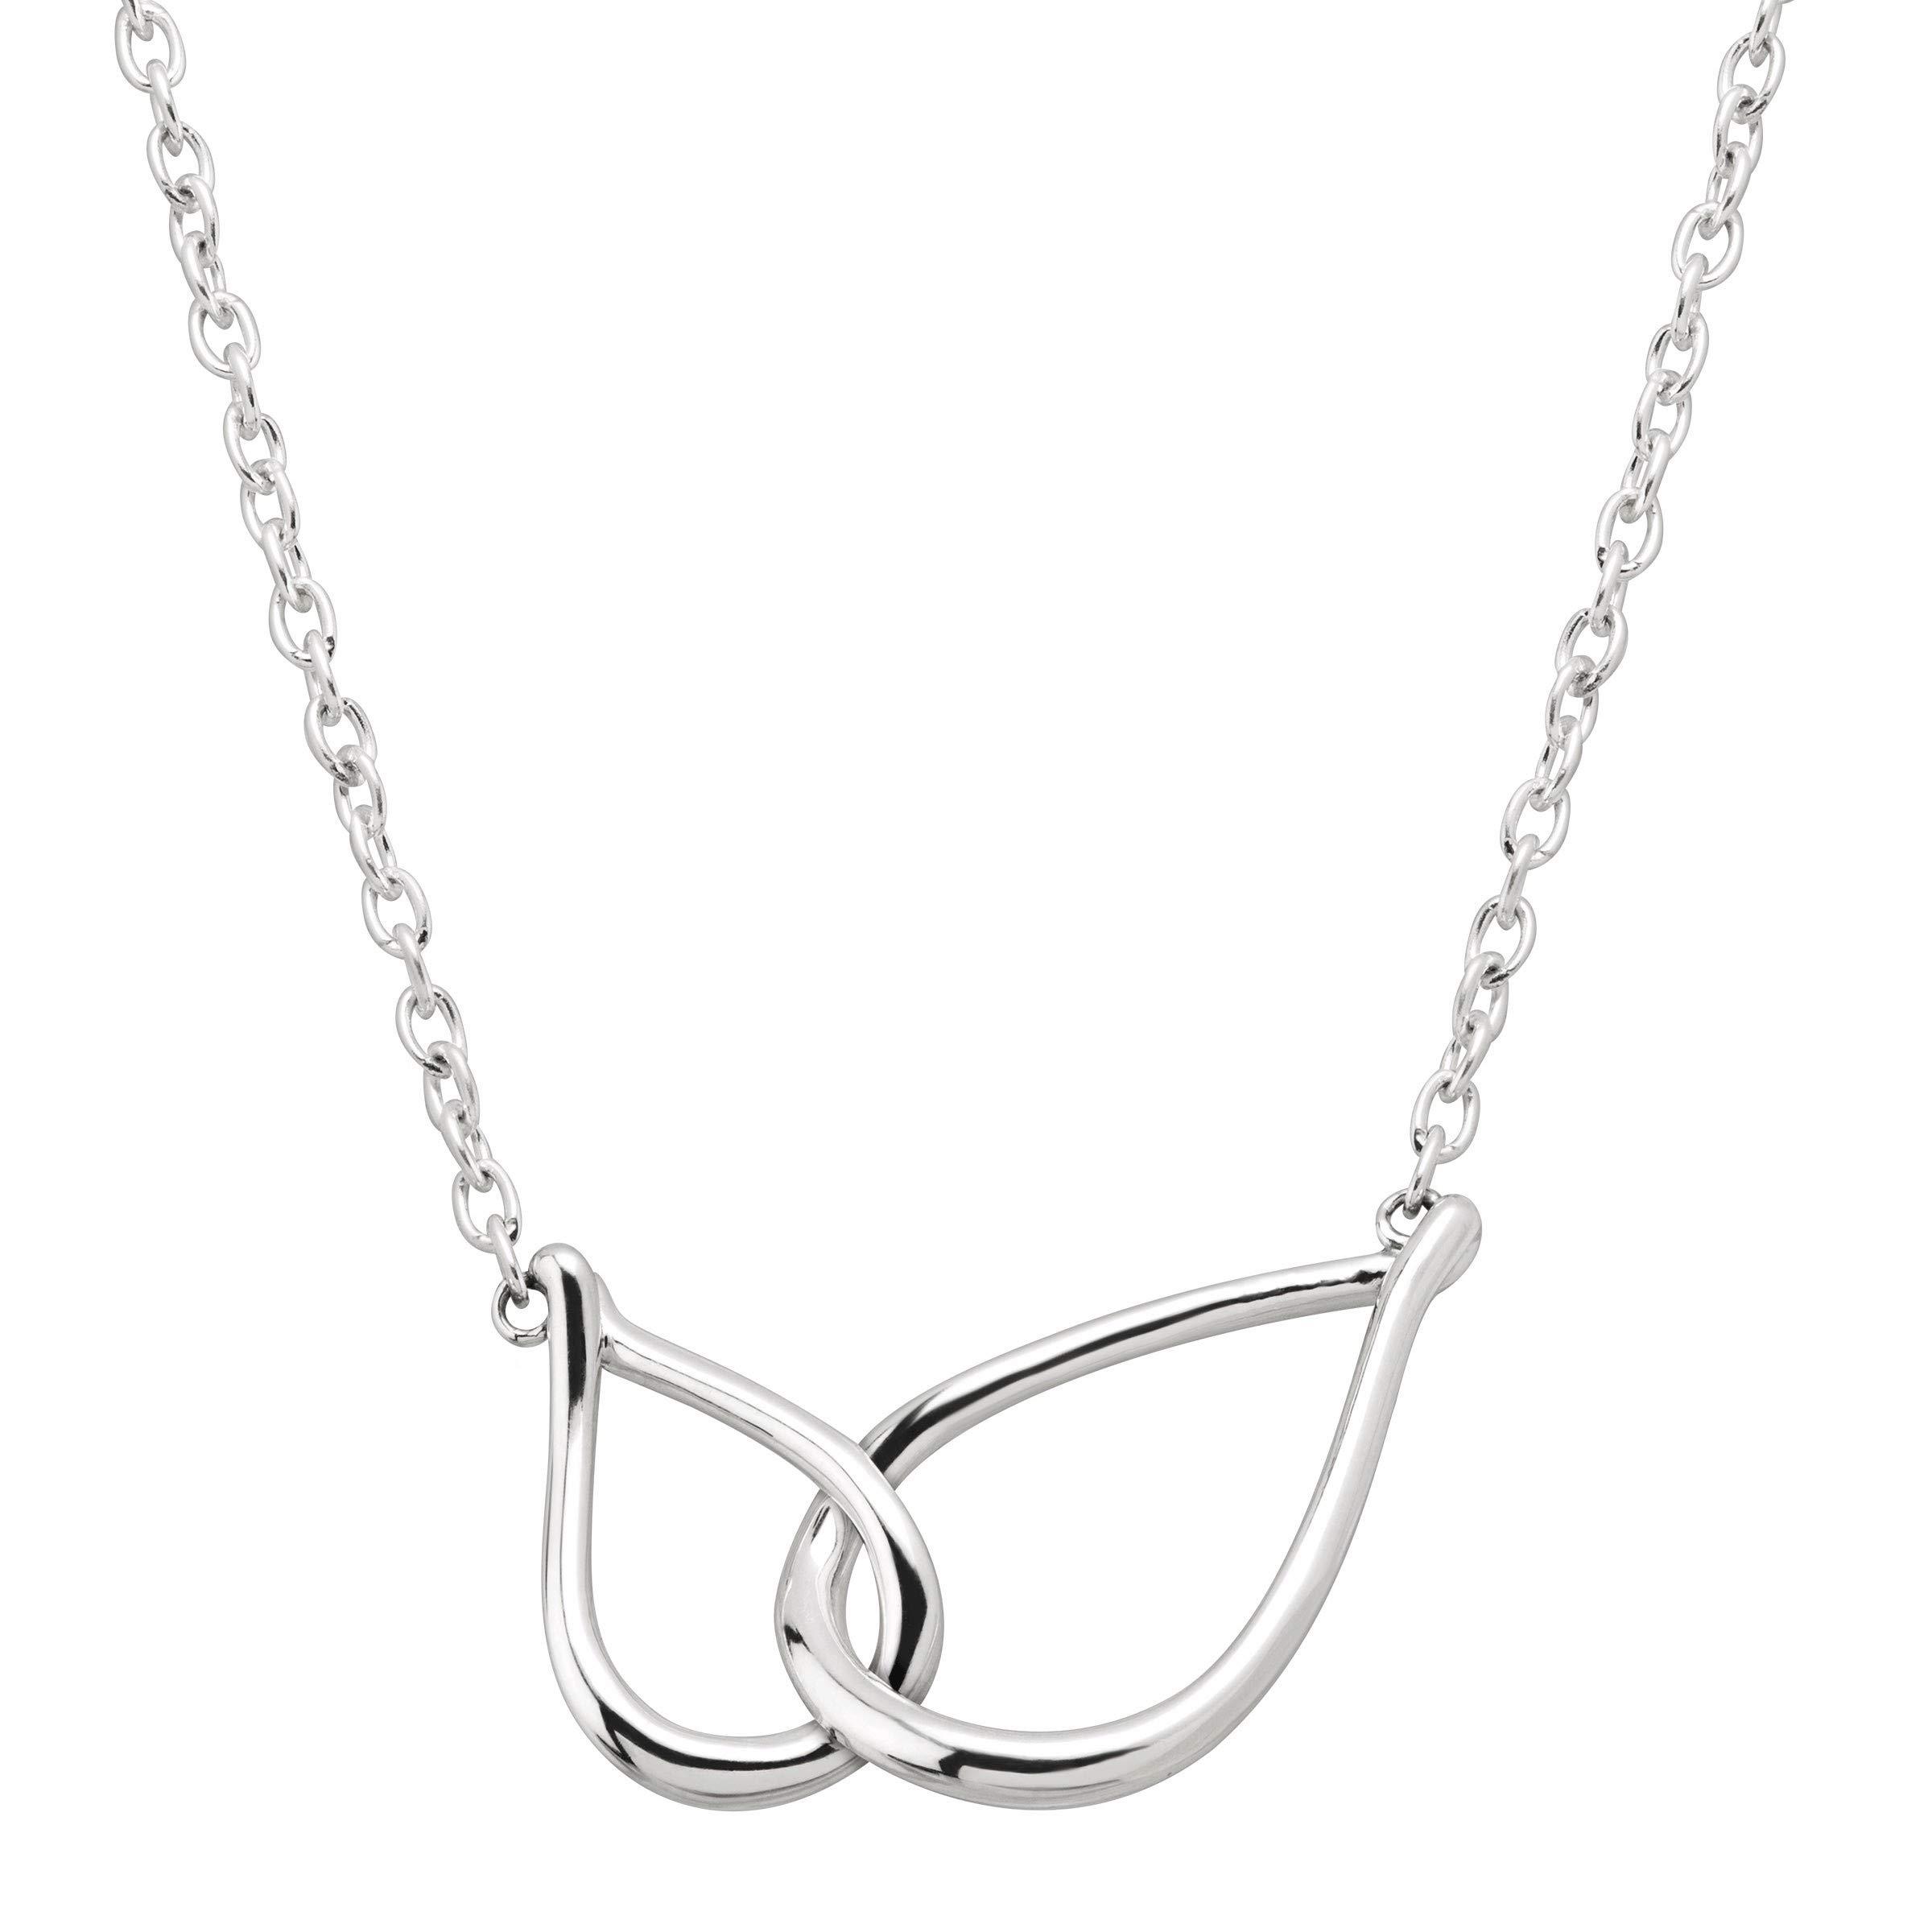 Silpada 'Lovelock' Interlocking Open Teardrop Necklace in Sterling Silver